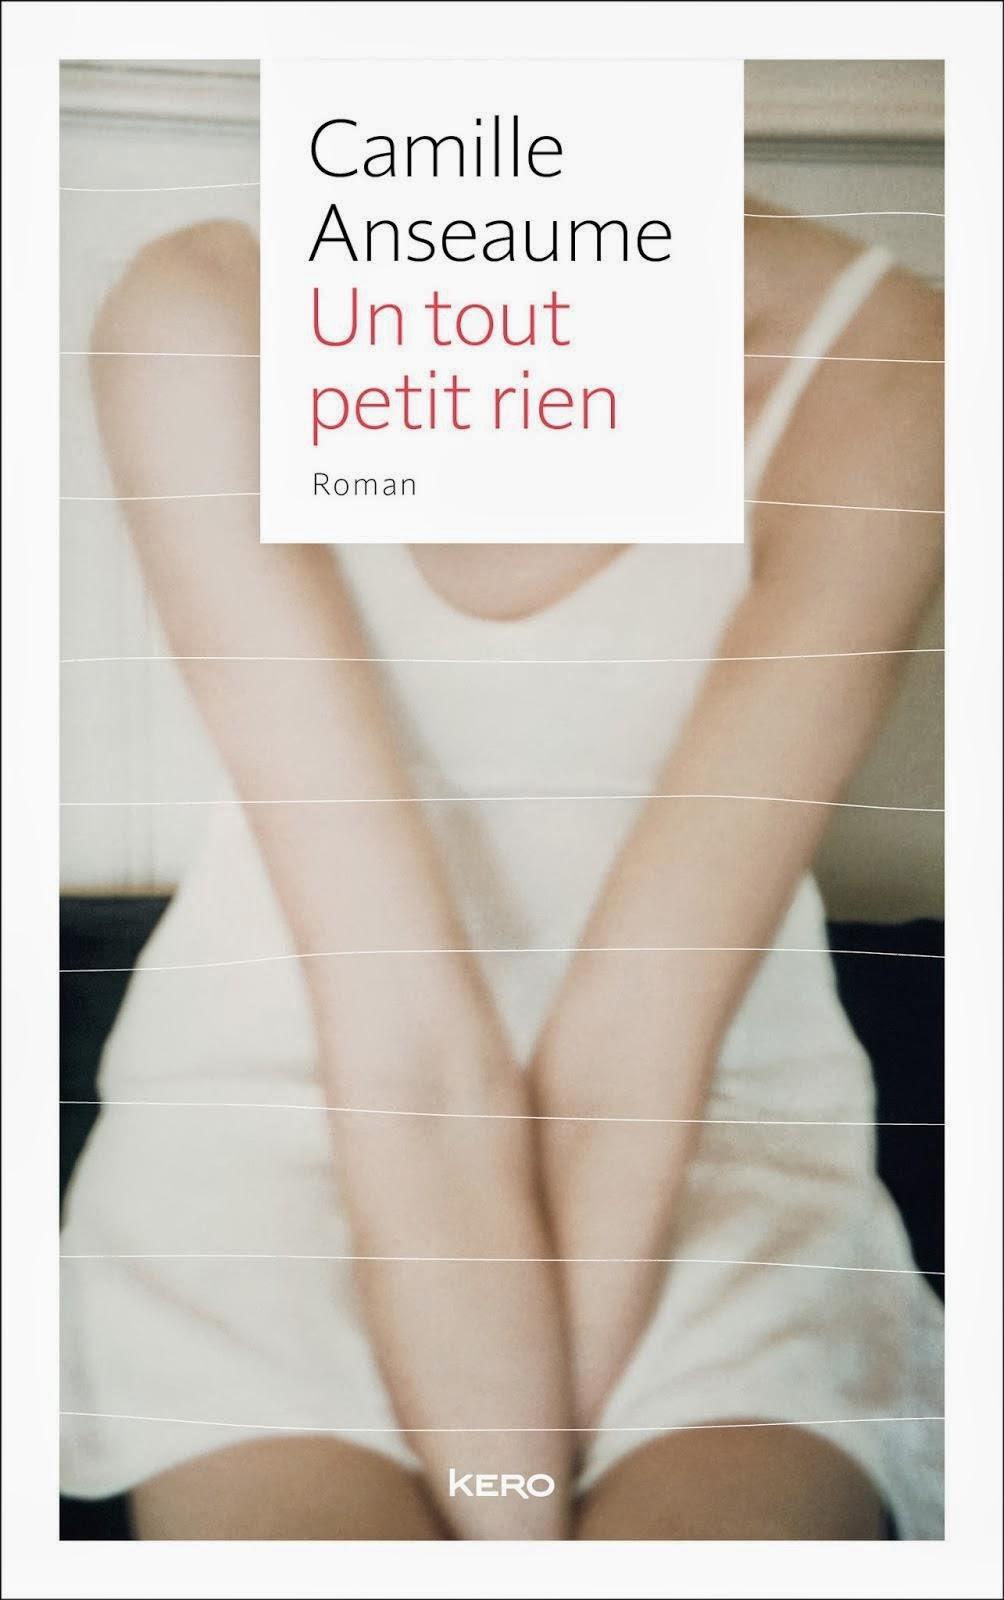 Un tout petit rien, Camille Anseaume